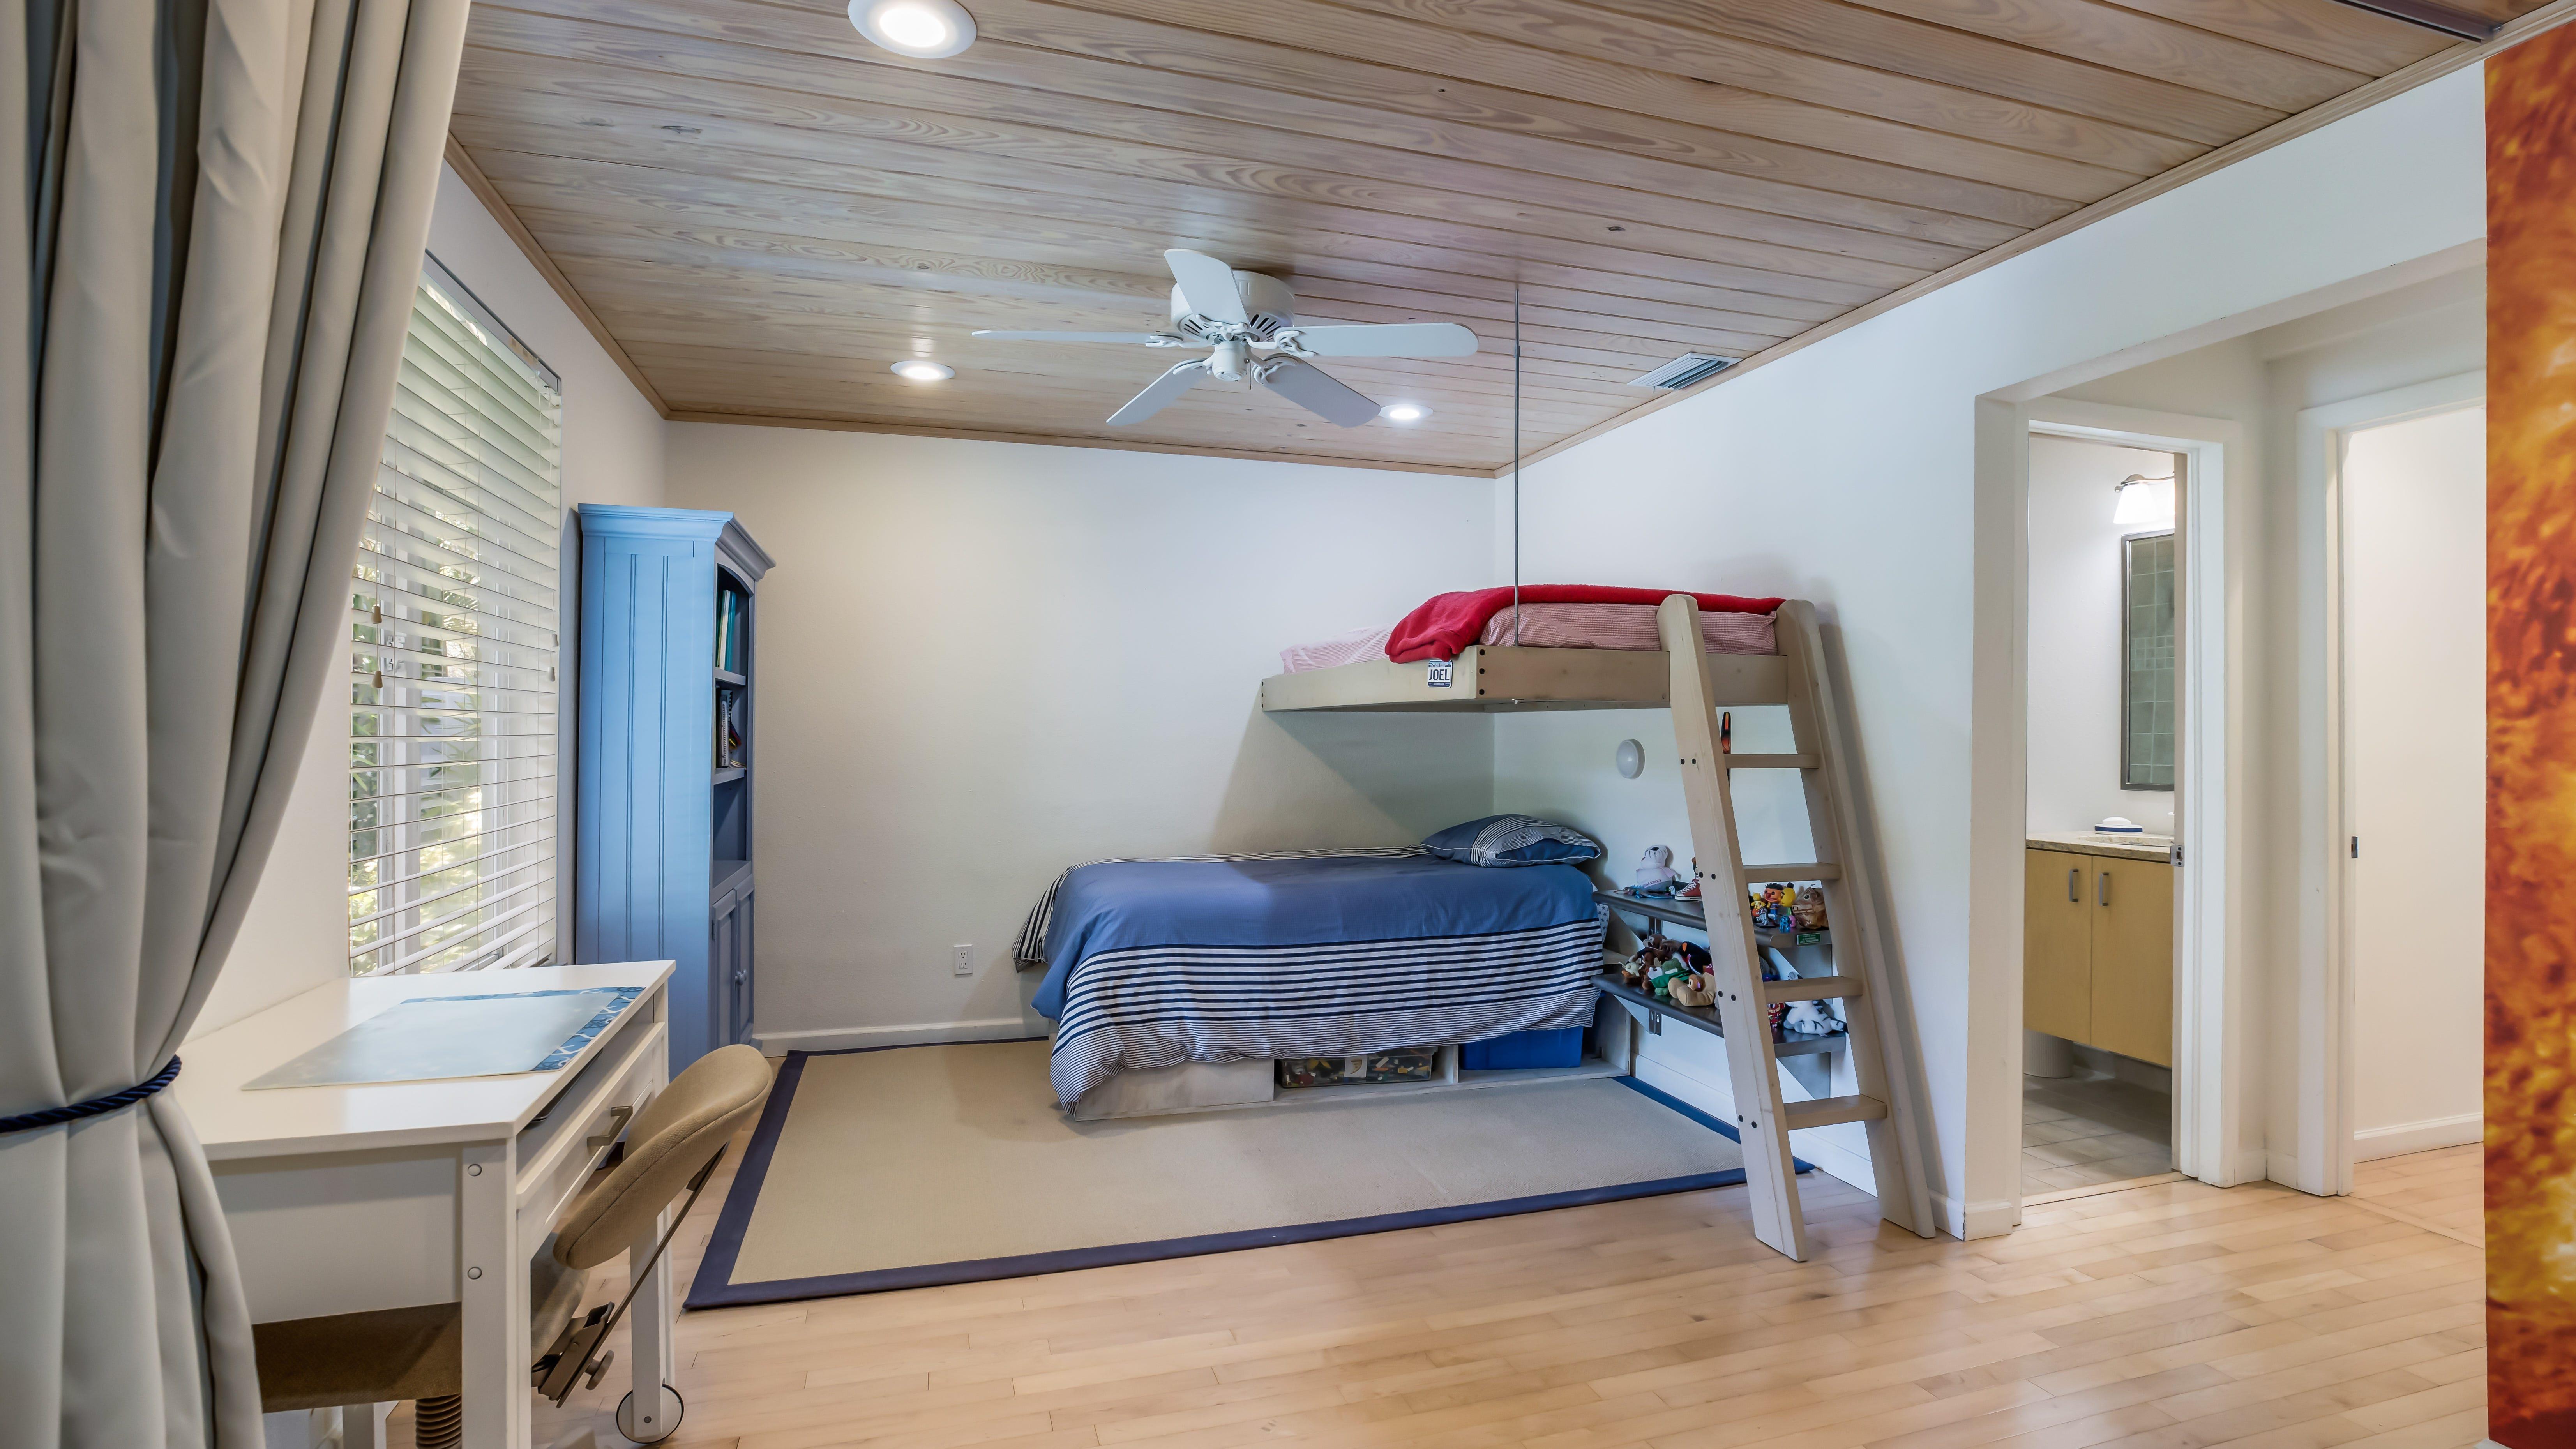 The children's bedroom of the vintage home on Old Oak in Sarasota